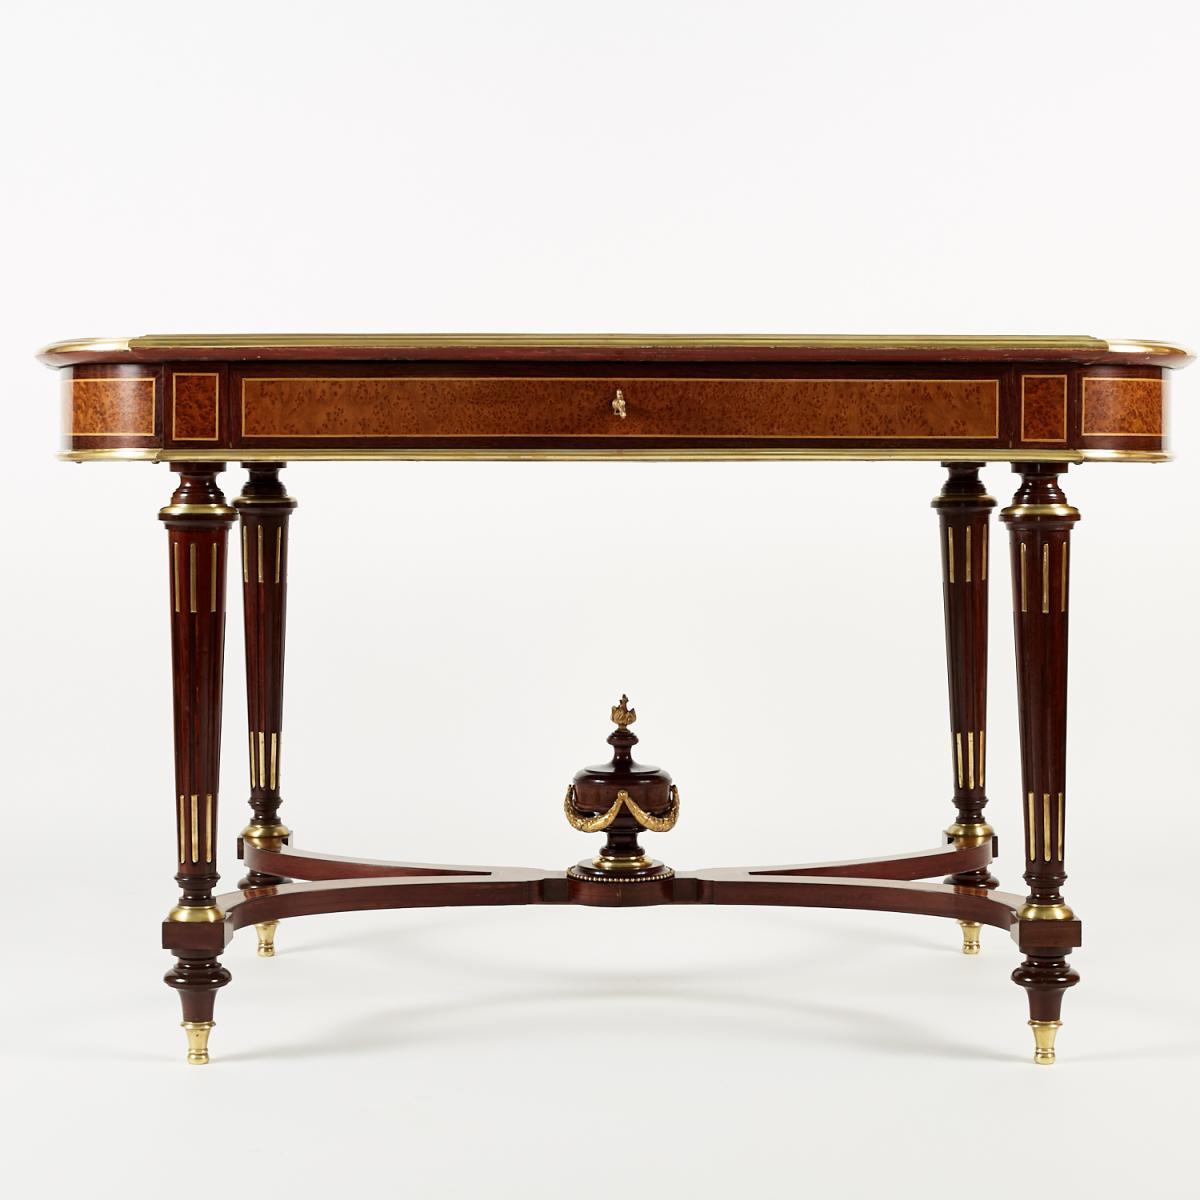 Table de milieu marquetée et bronze doré, XIXe